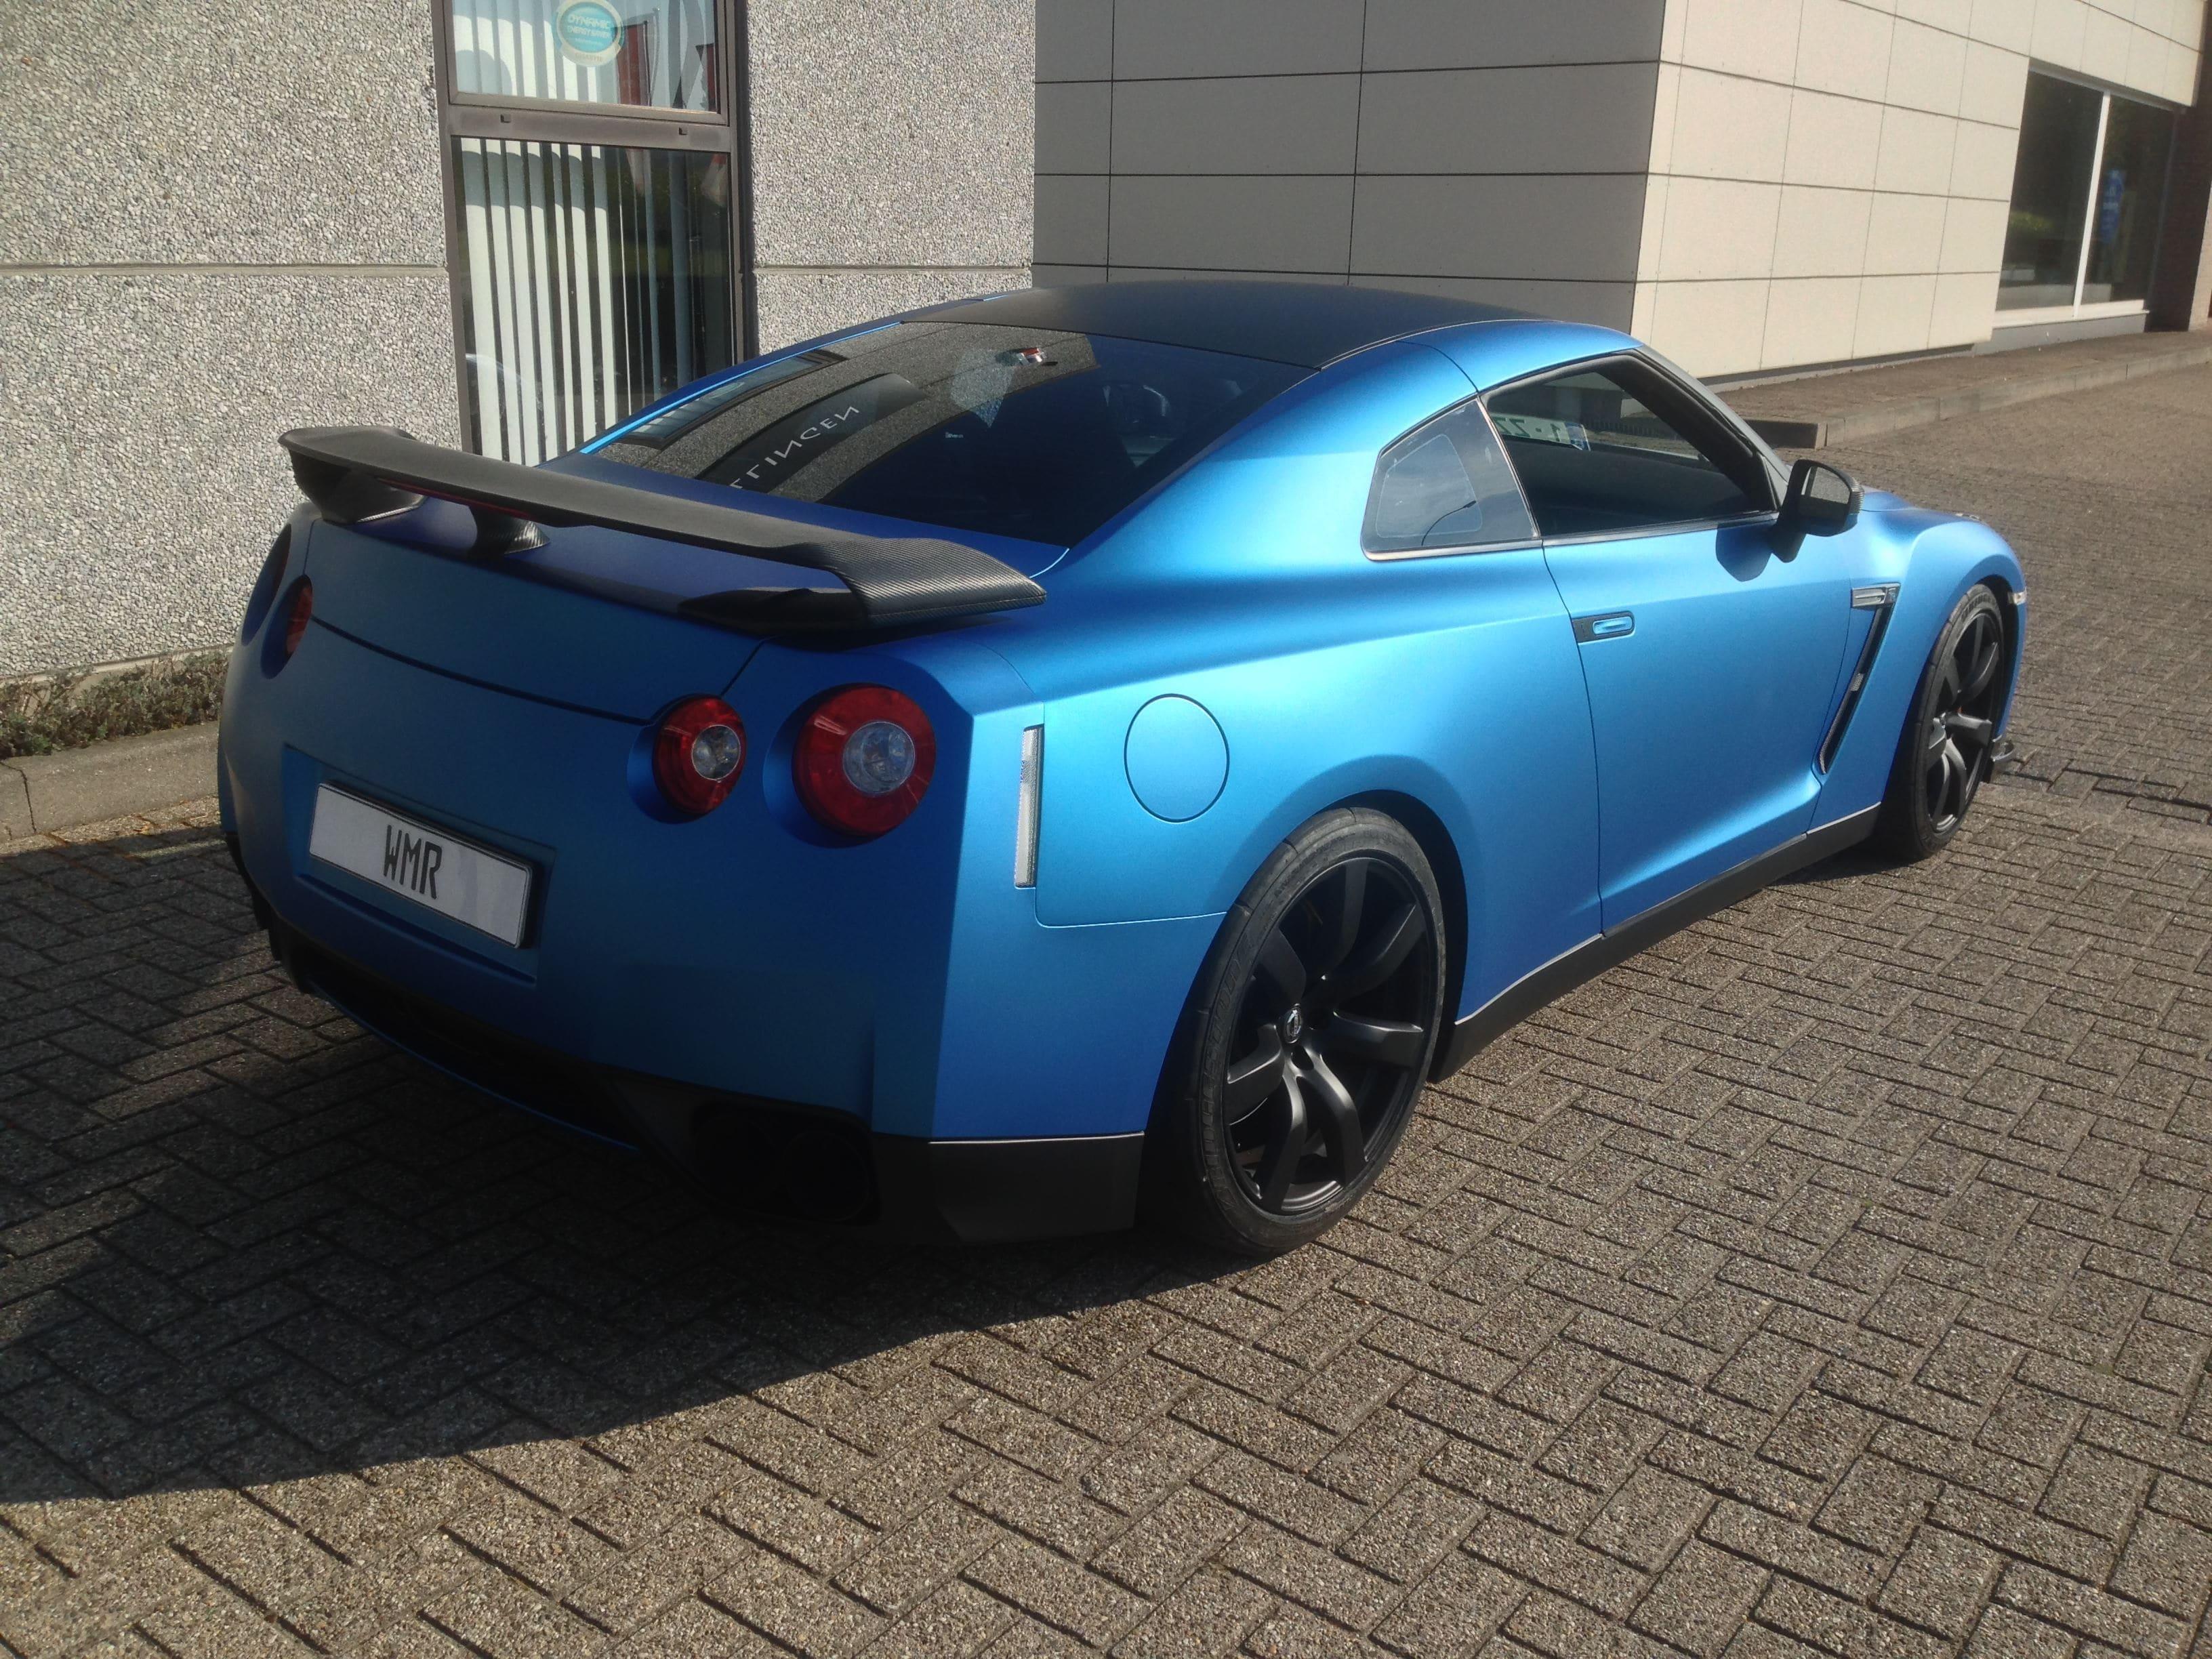 Nissan GT-R in Mat Blauwe Wrap, Carwrapping door Wrapmyride.nu Foto-nr:6537, ©2020